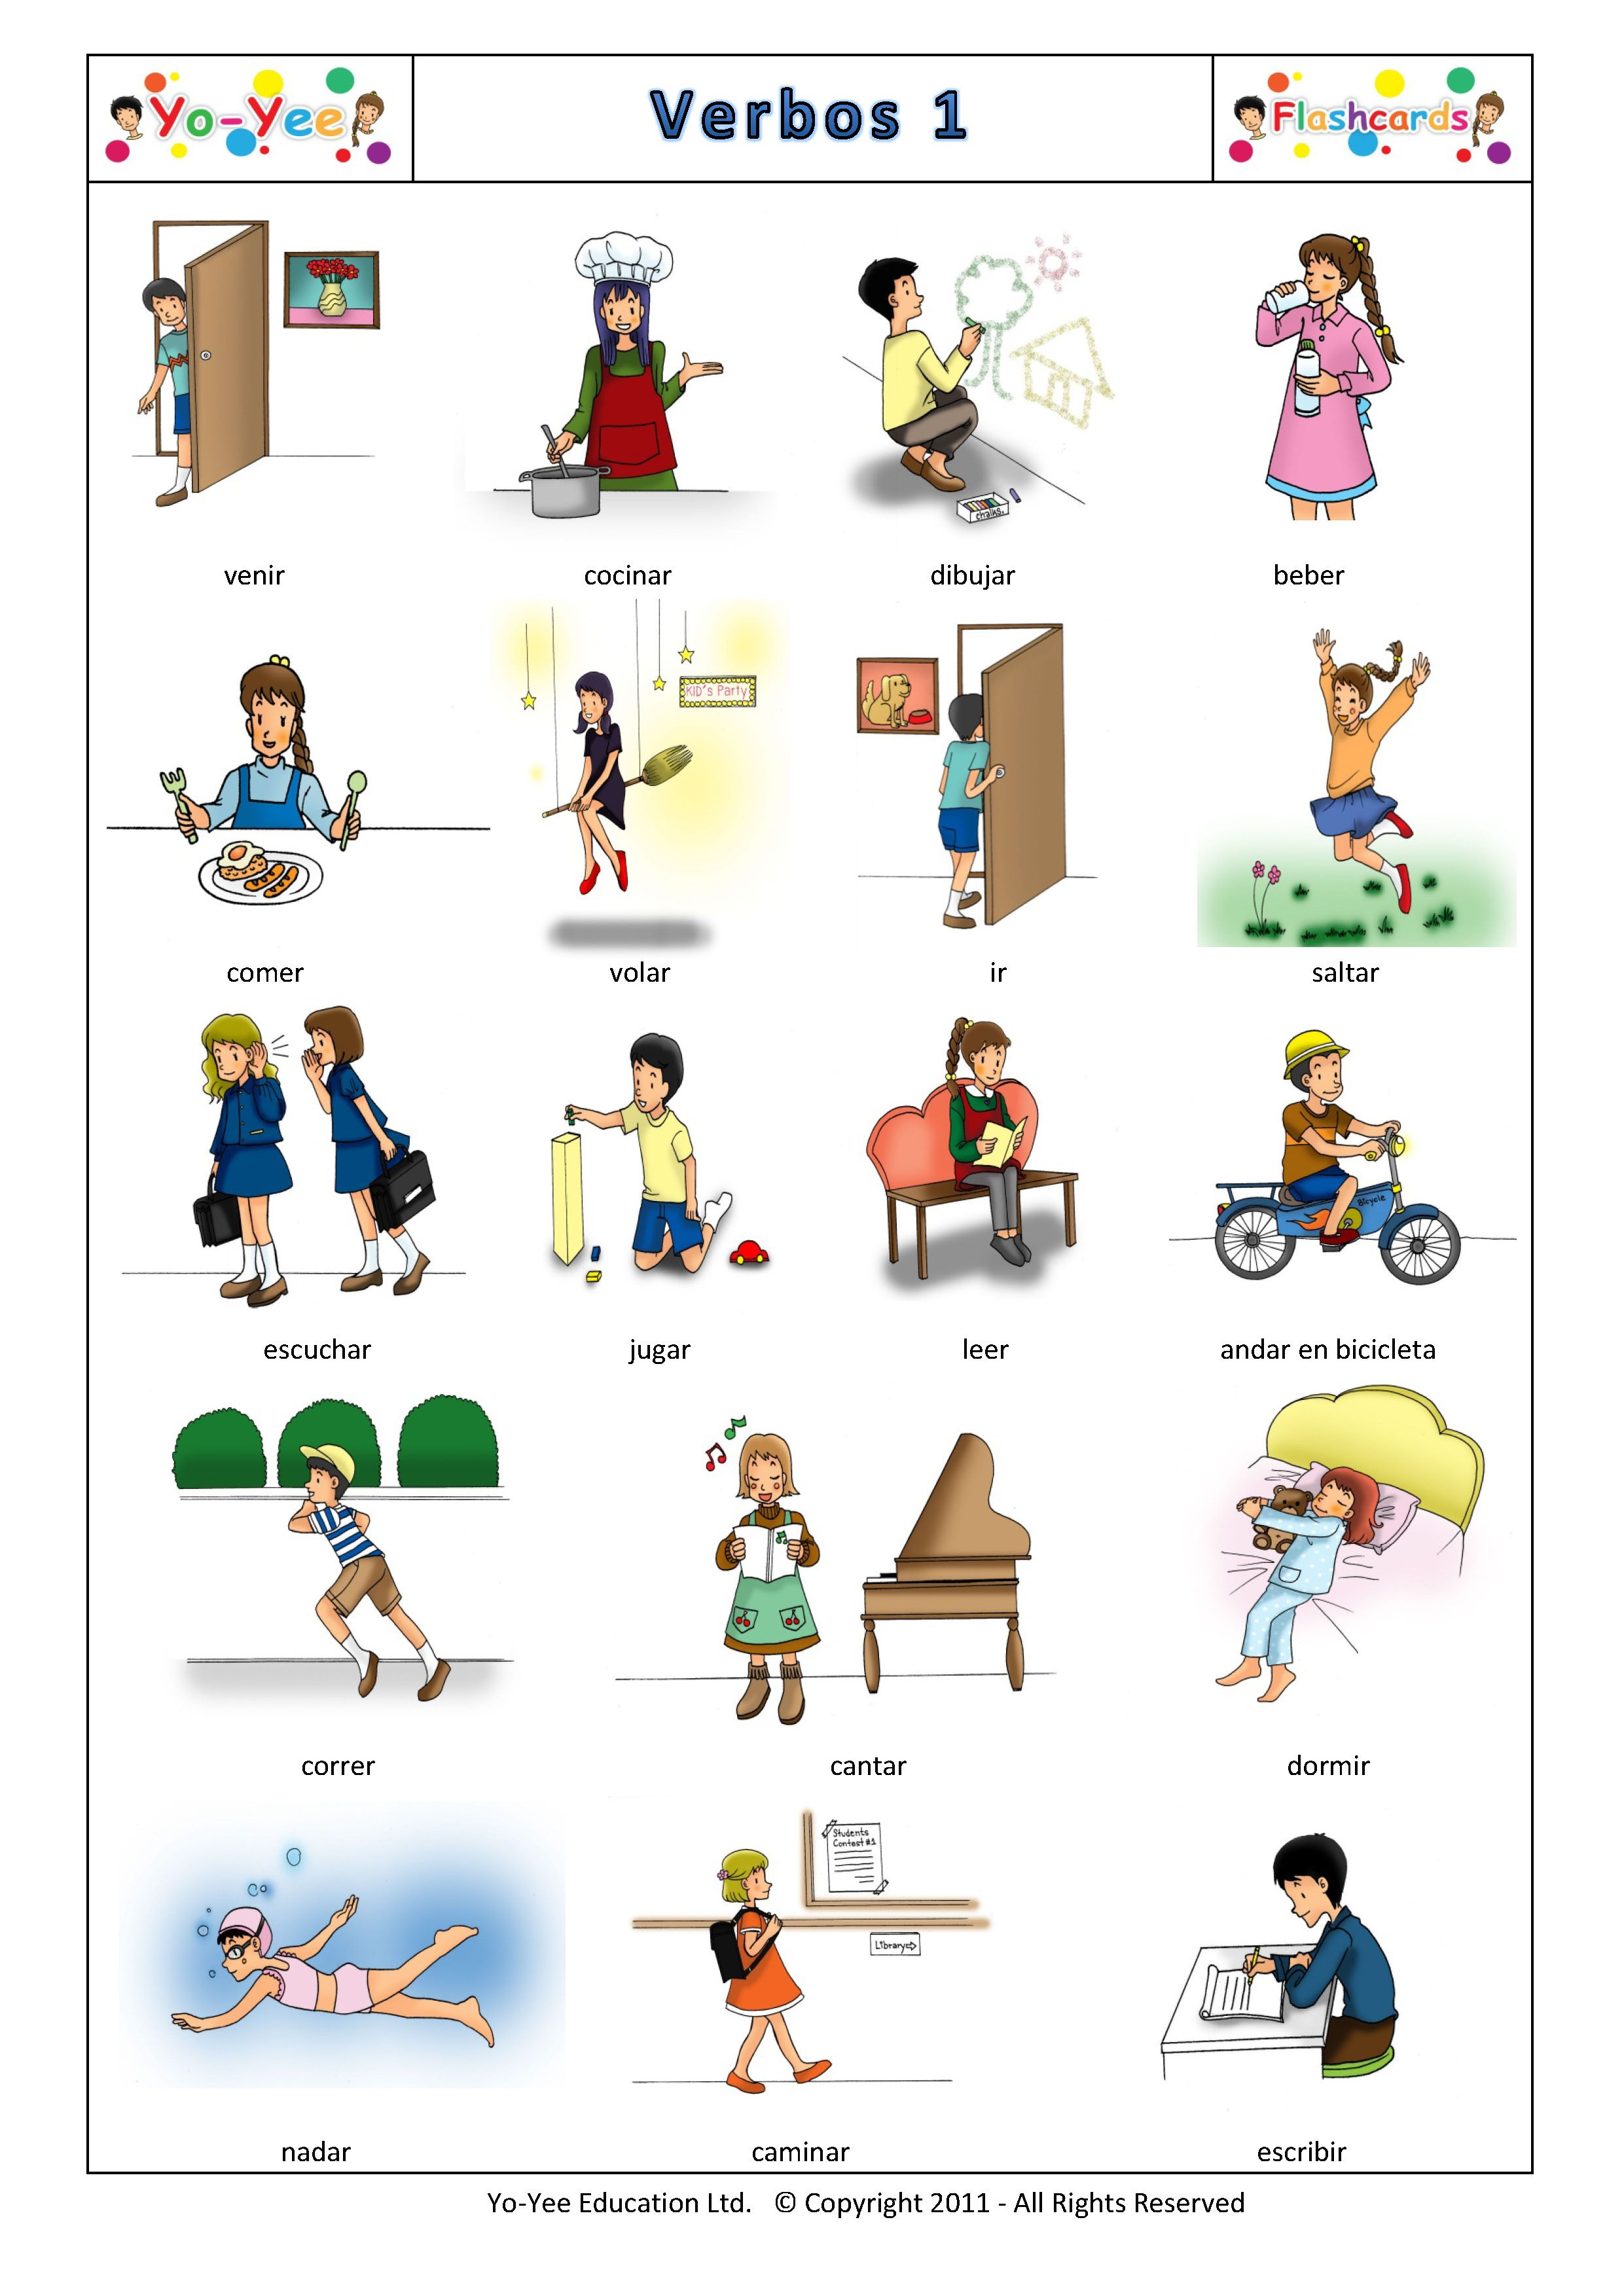 Yo Yee Verbos 1 Flashcards Find High Quality Flashcards At Www Yo Yee Com In Multiple Language Vocabulaire Espagnol Espagnol Apprendre Enseigner L Espagnol